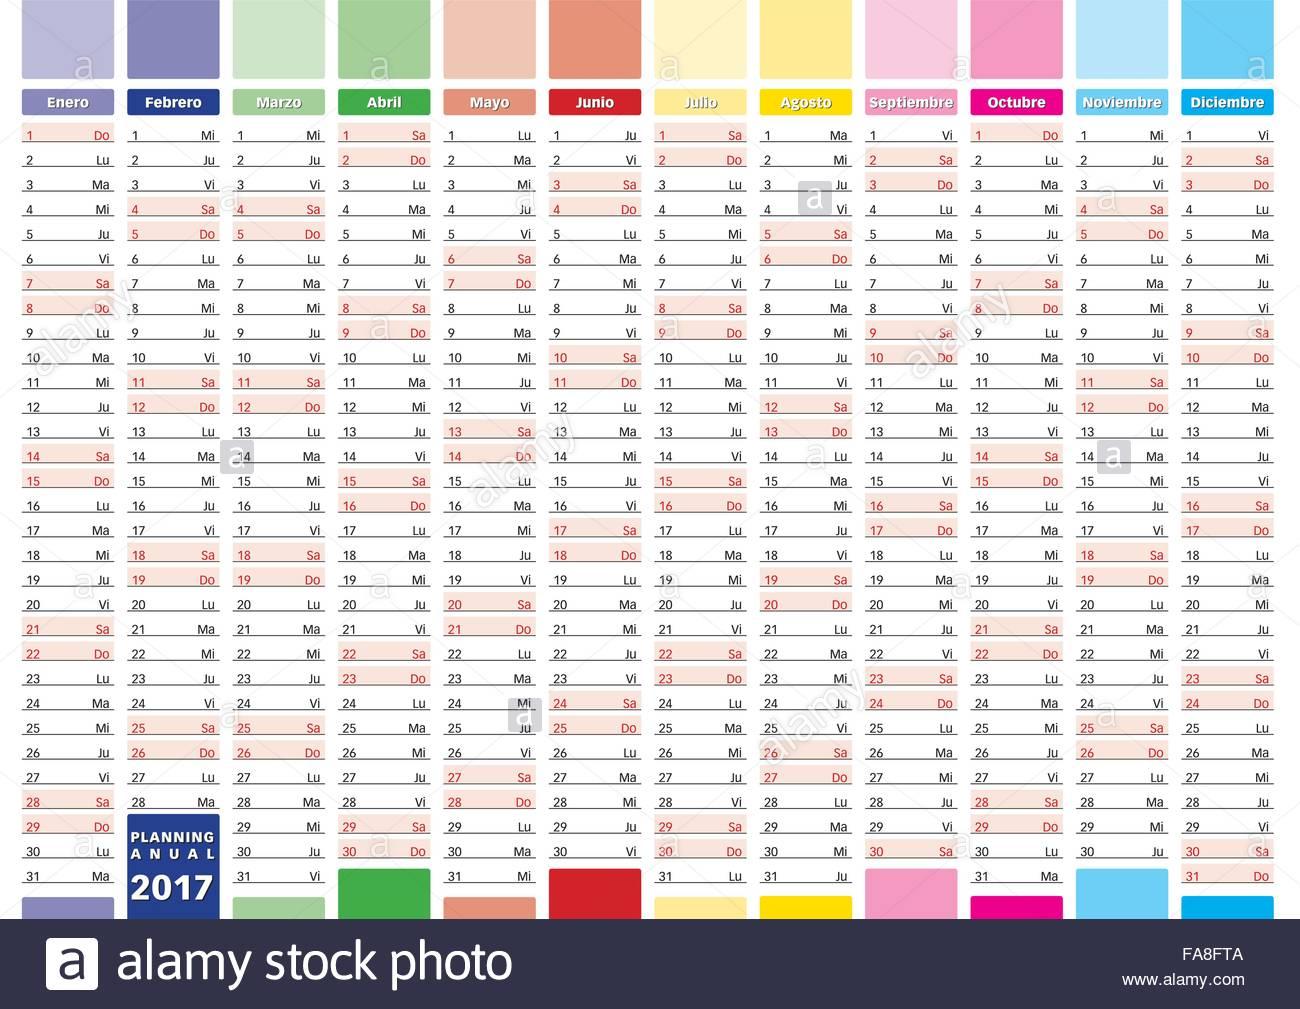 Calendario Anno 2017.2017 Anno Calendario In Spagnolo Elegante Planner Annuale